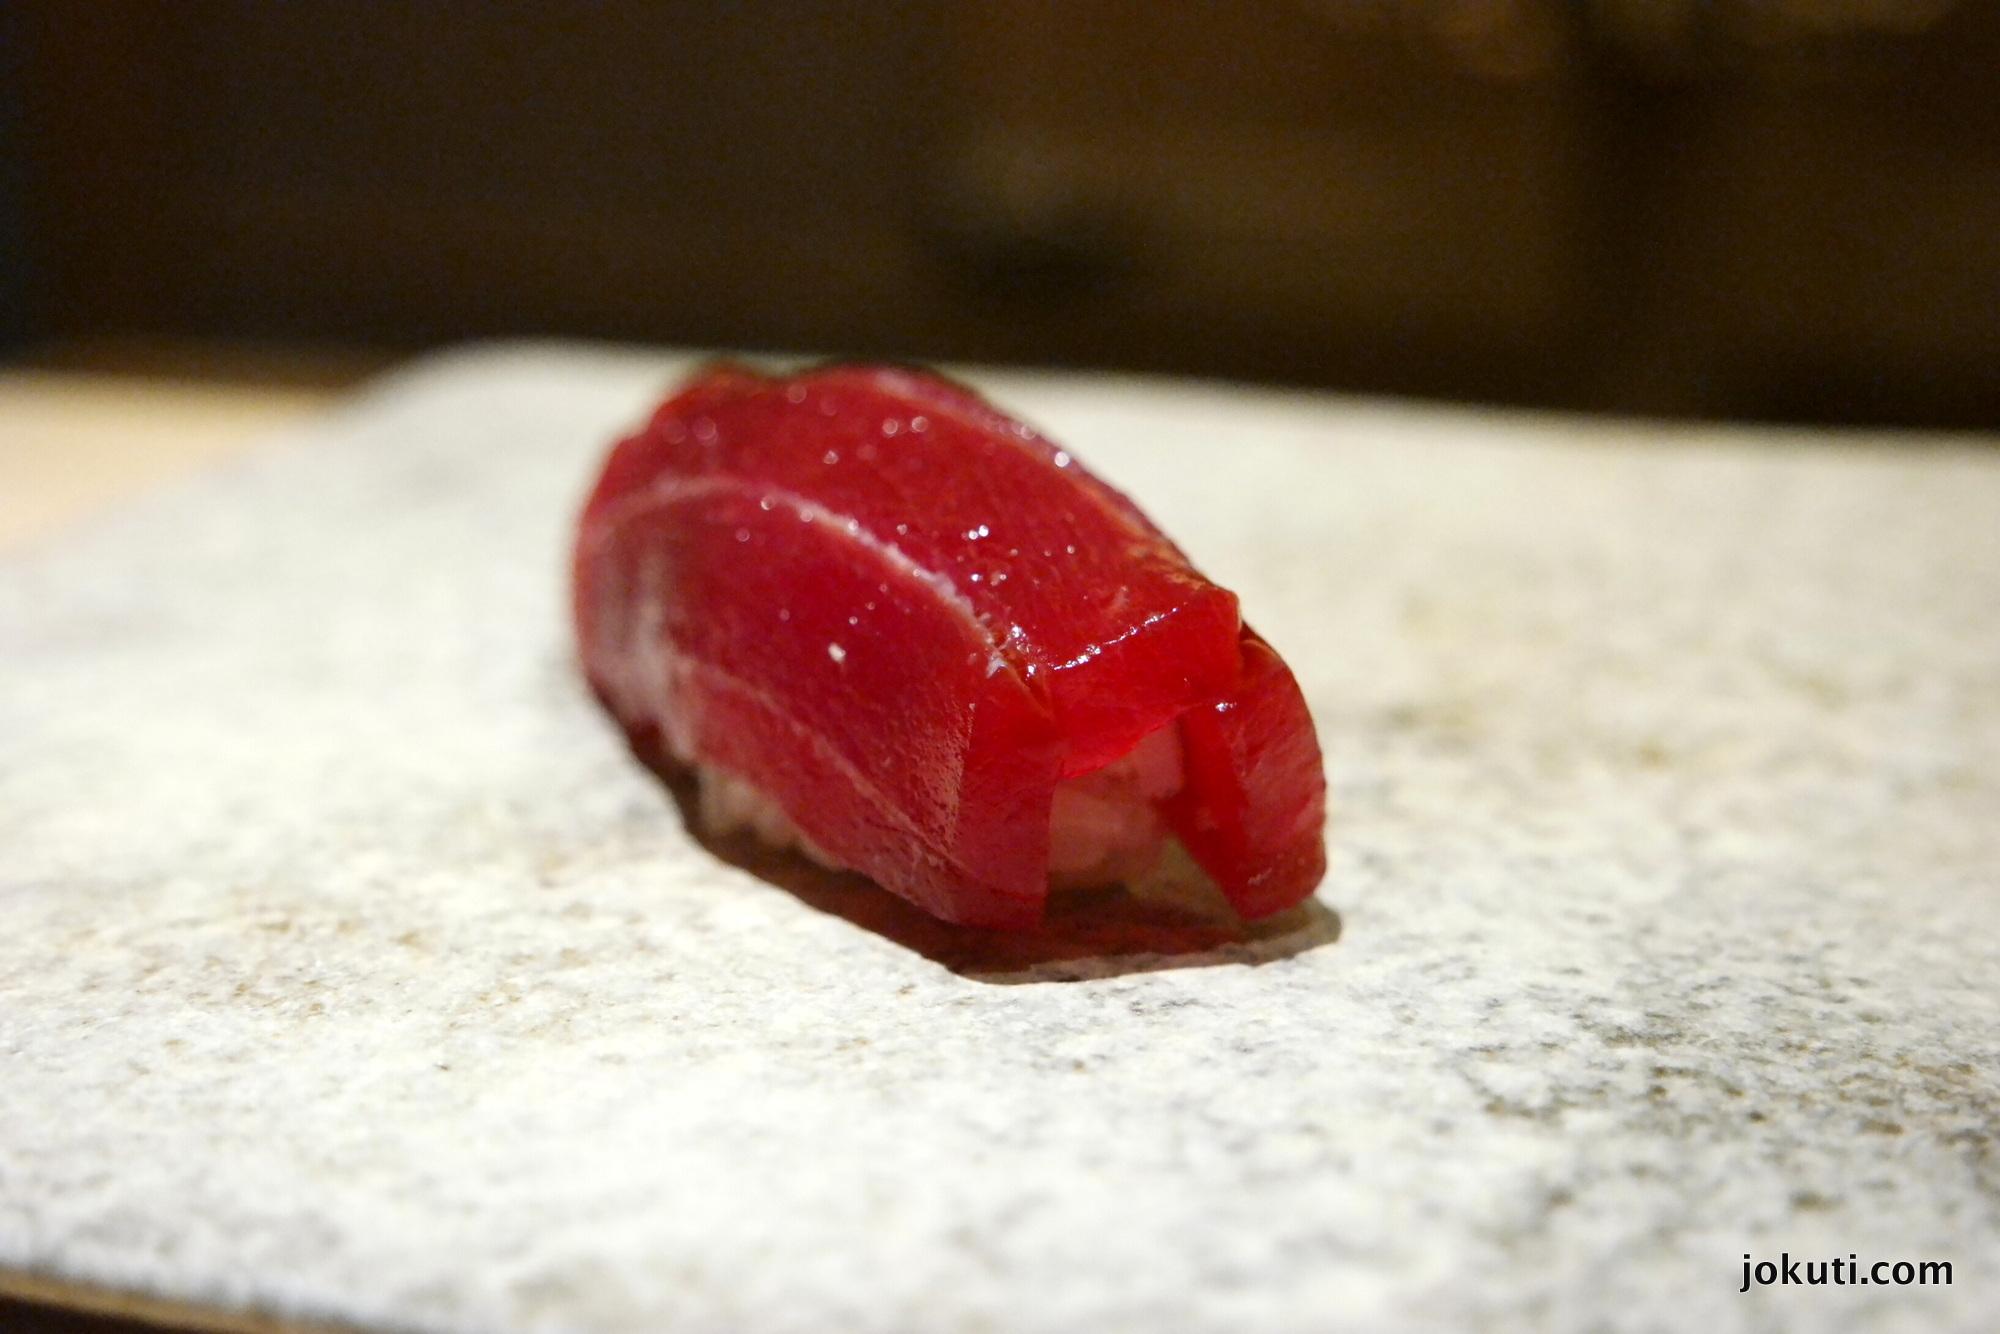 Akami zuke (kékúszójú tonhal hasaaljának a legkevésbé zsíros része, marinálva)<br />